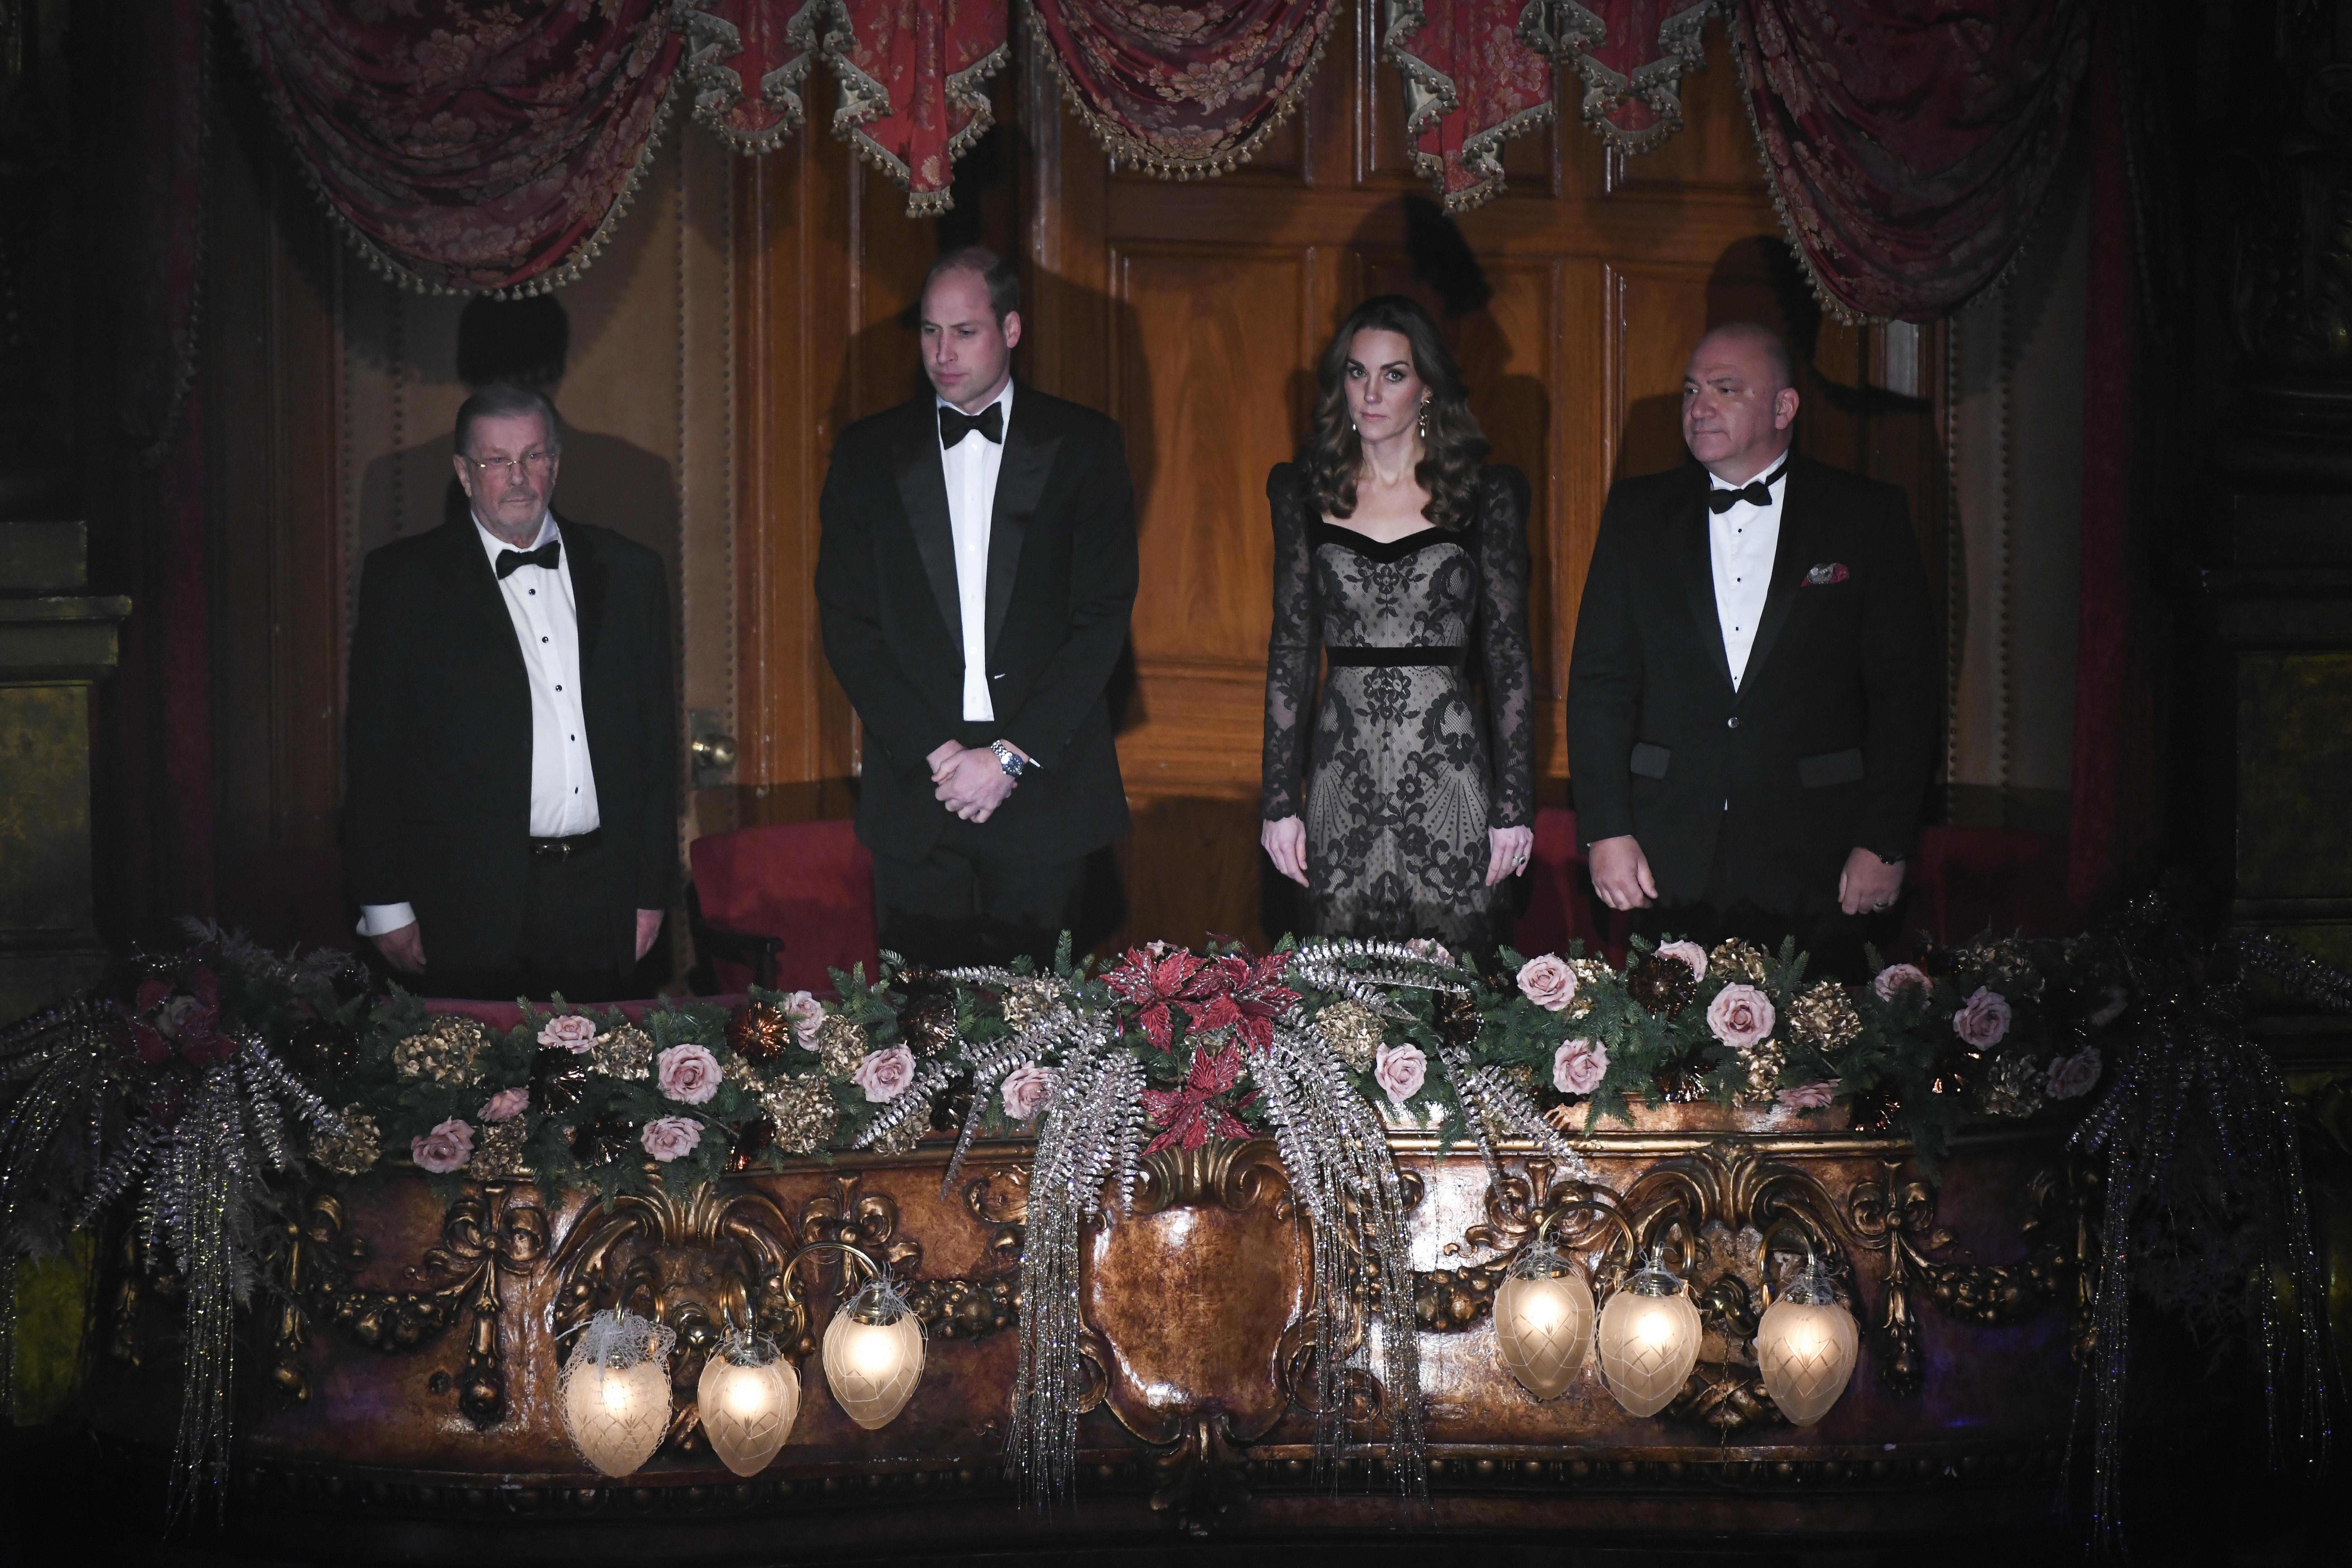 <p>Идеята на събитието - да събира пари за благотворителност.&nbsp;За първи път&nbsp;&nbsp;Royal Variety се провежда през далечната 1912 г., но тогава името е било малко по-различно, а специални гости са били крал Джордж V и неговата съпруга кралица Мери (баба и дядо на настоящата кралица Елизабет).</p>